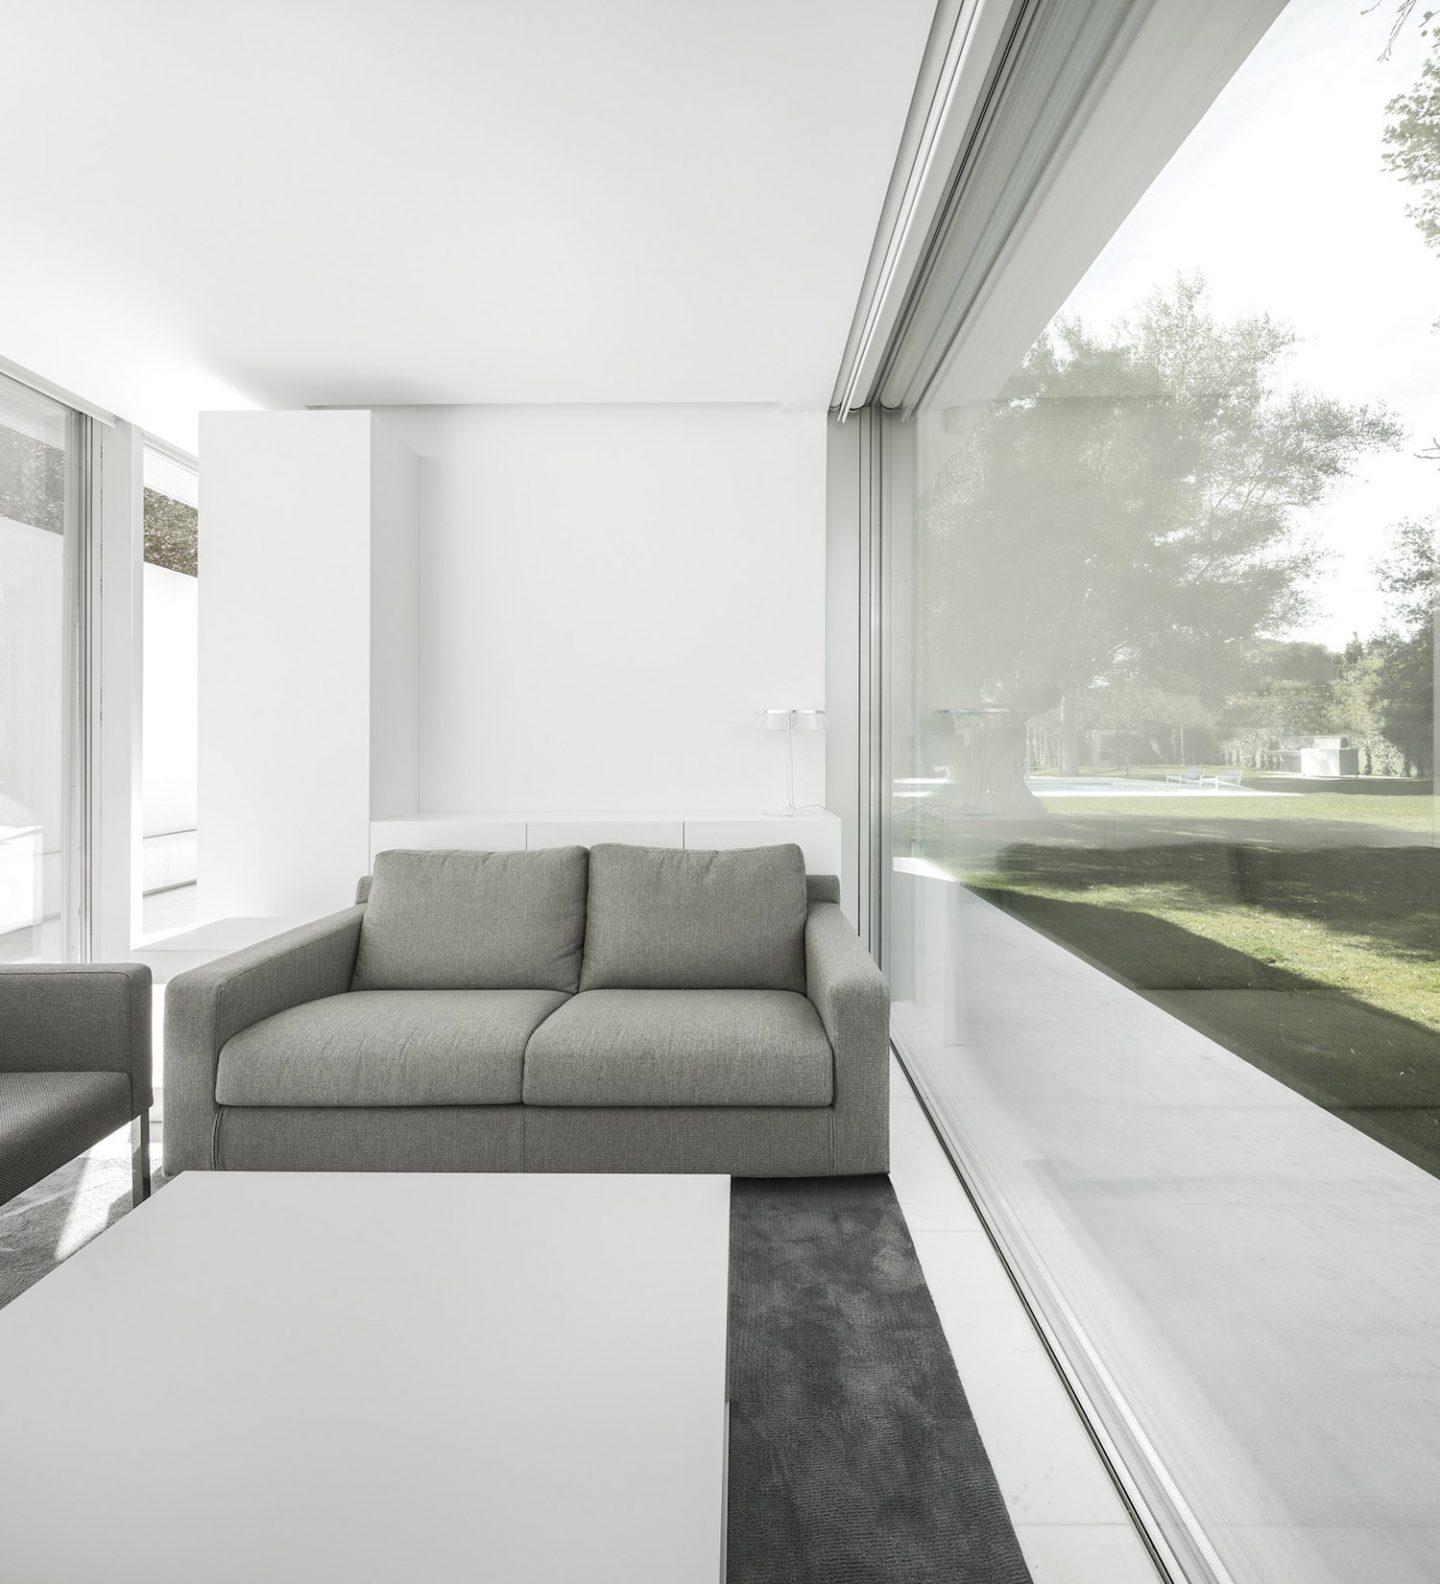 iGNANT_Architecture_Fran_Silvestre_Arquitectos_Guest_Pavilion_Valencia_9